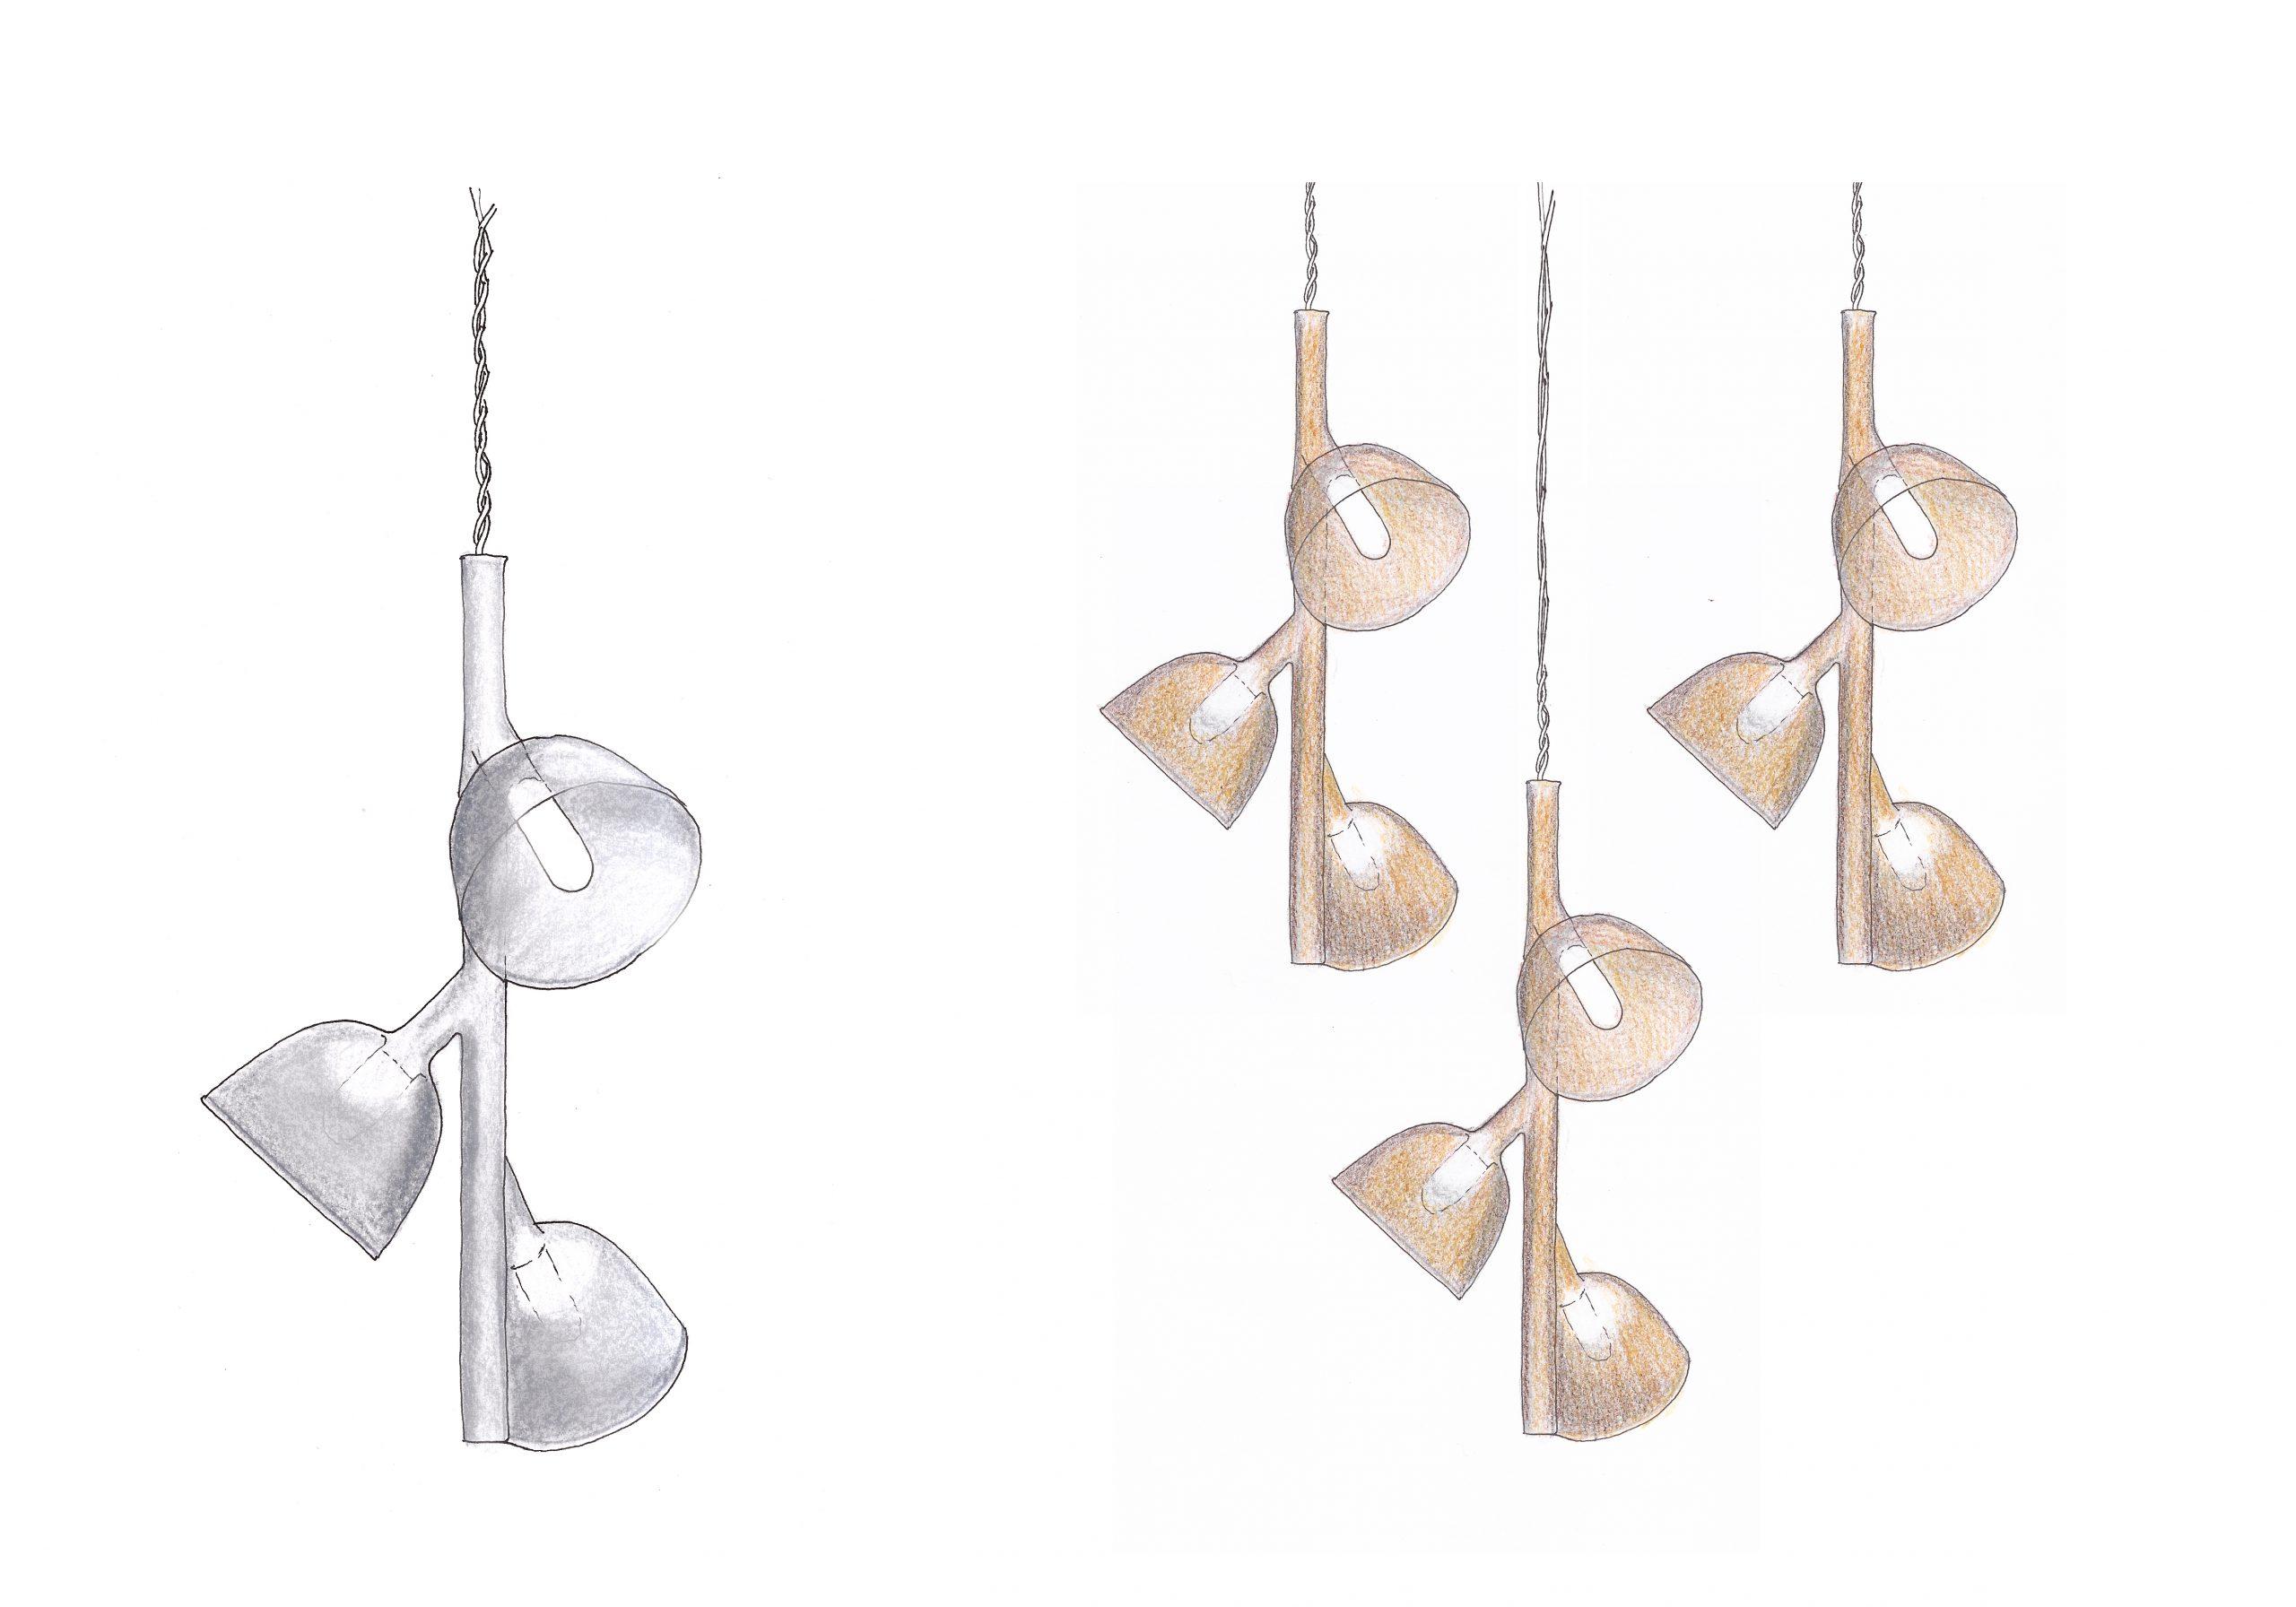 Sketch of the Labo pendant lamp bu Debiasi Sandri for Penta